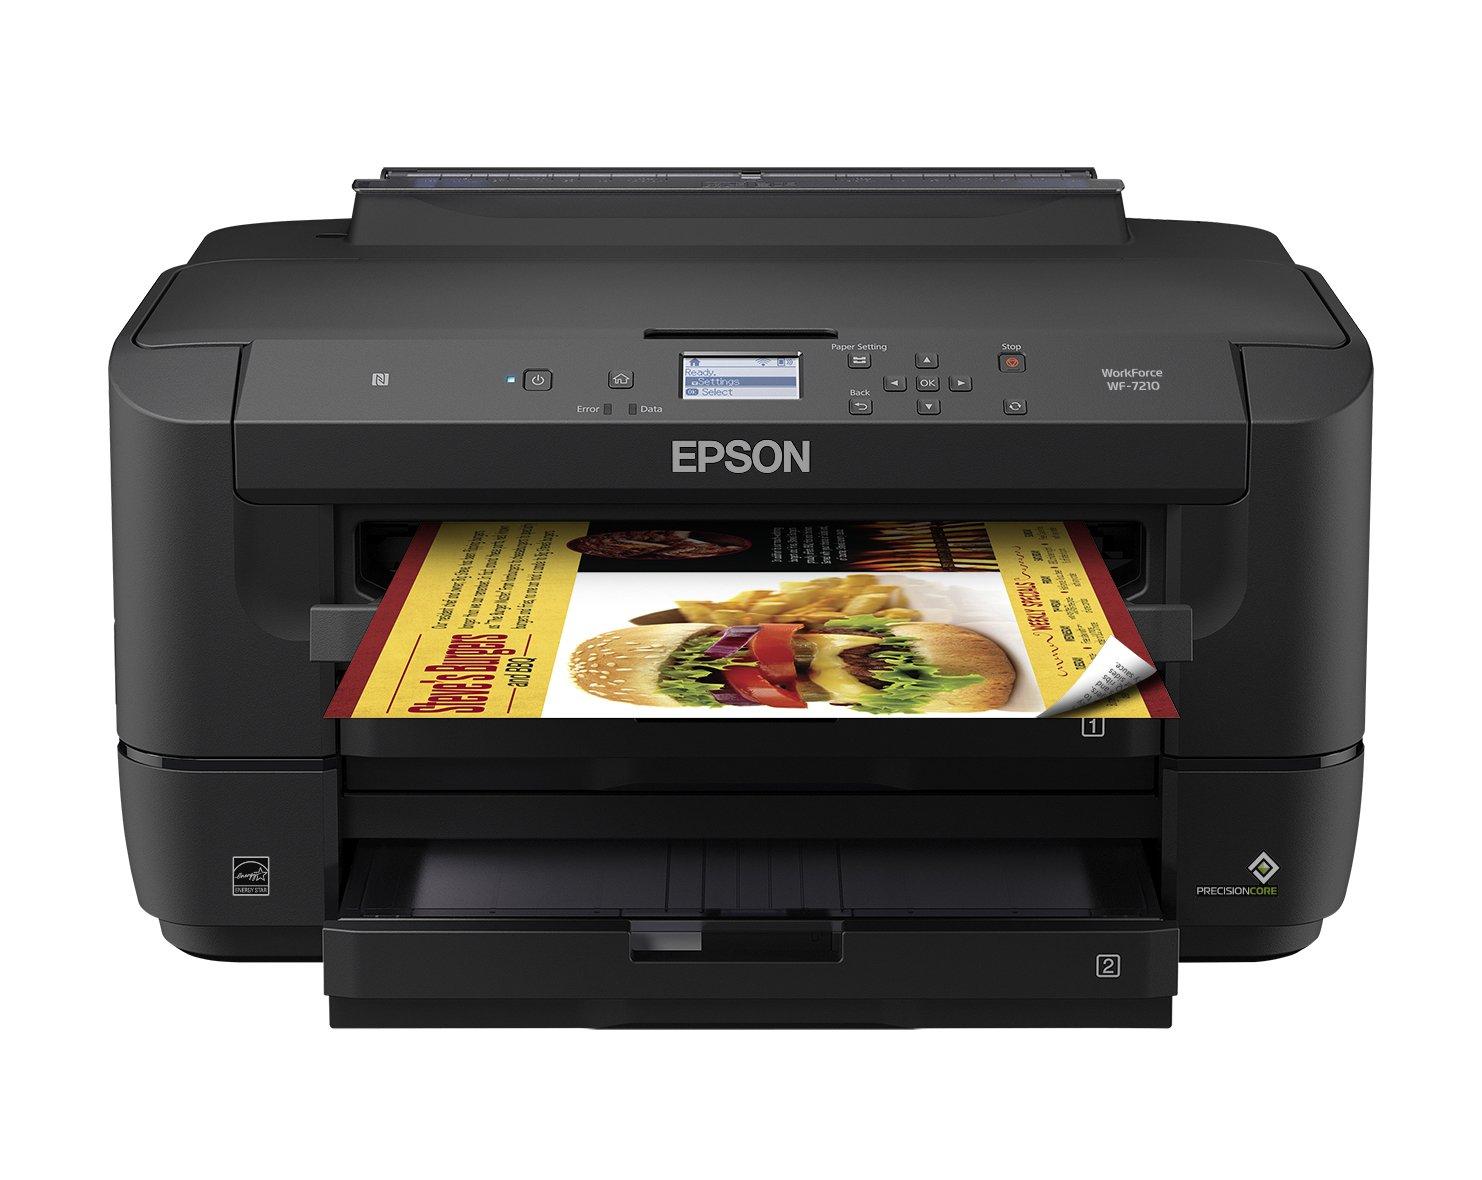 Epson-WorkForce-WF-7210